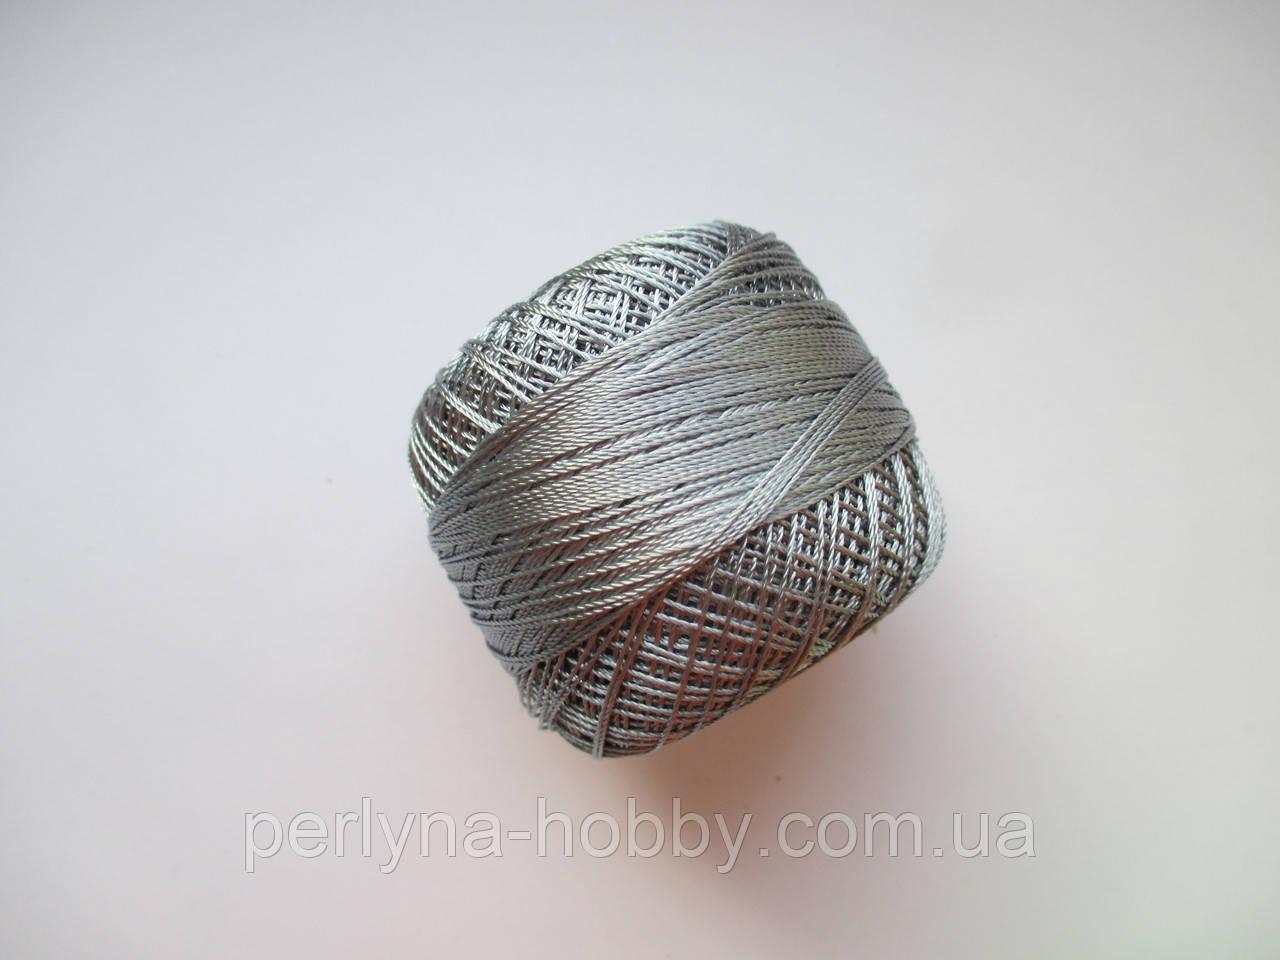 Нитки поліестер (штучний шовк) типу Ірис ( Iris )  20 грам, сірий темний